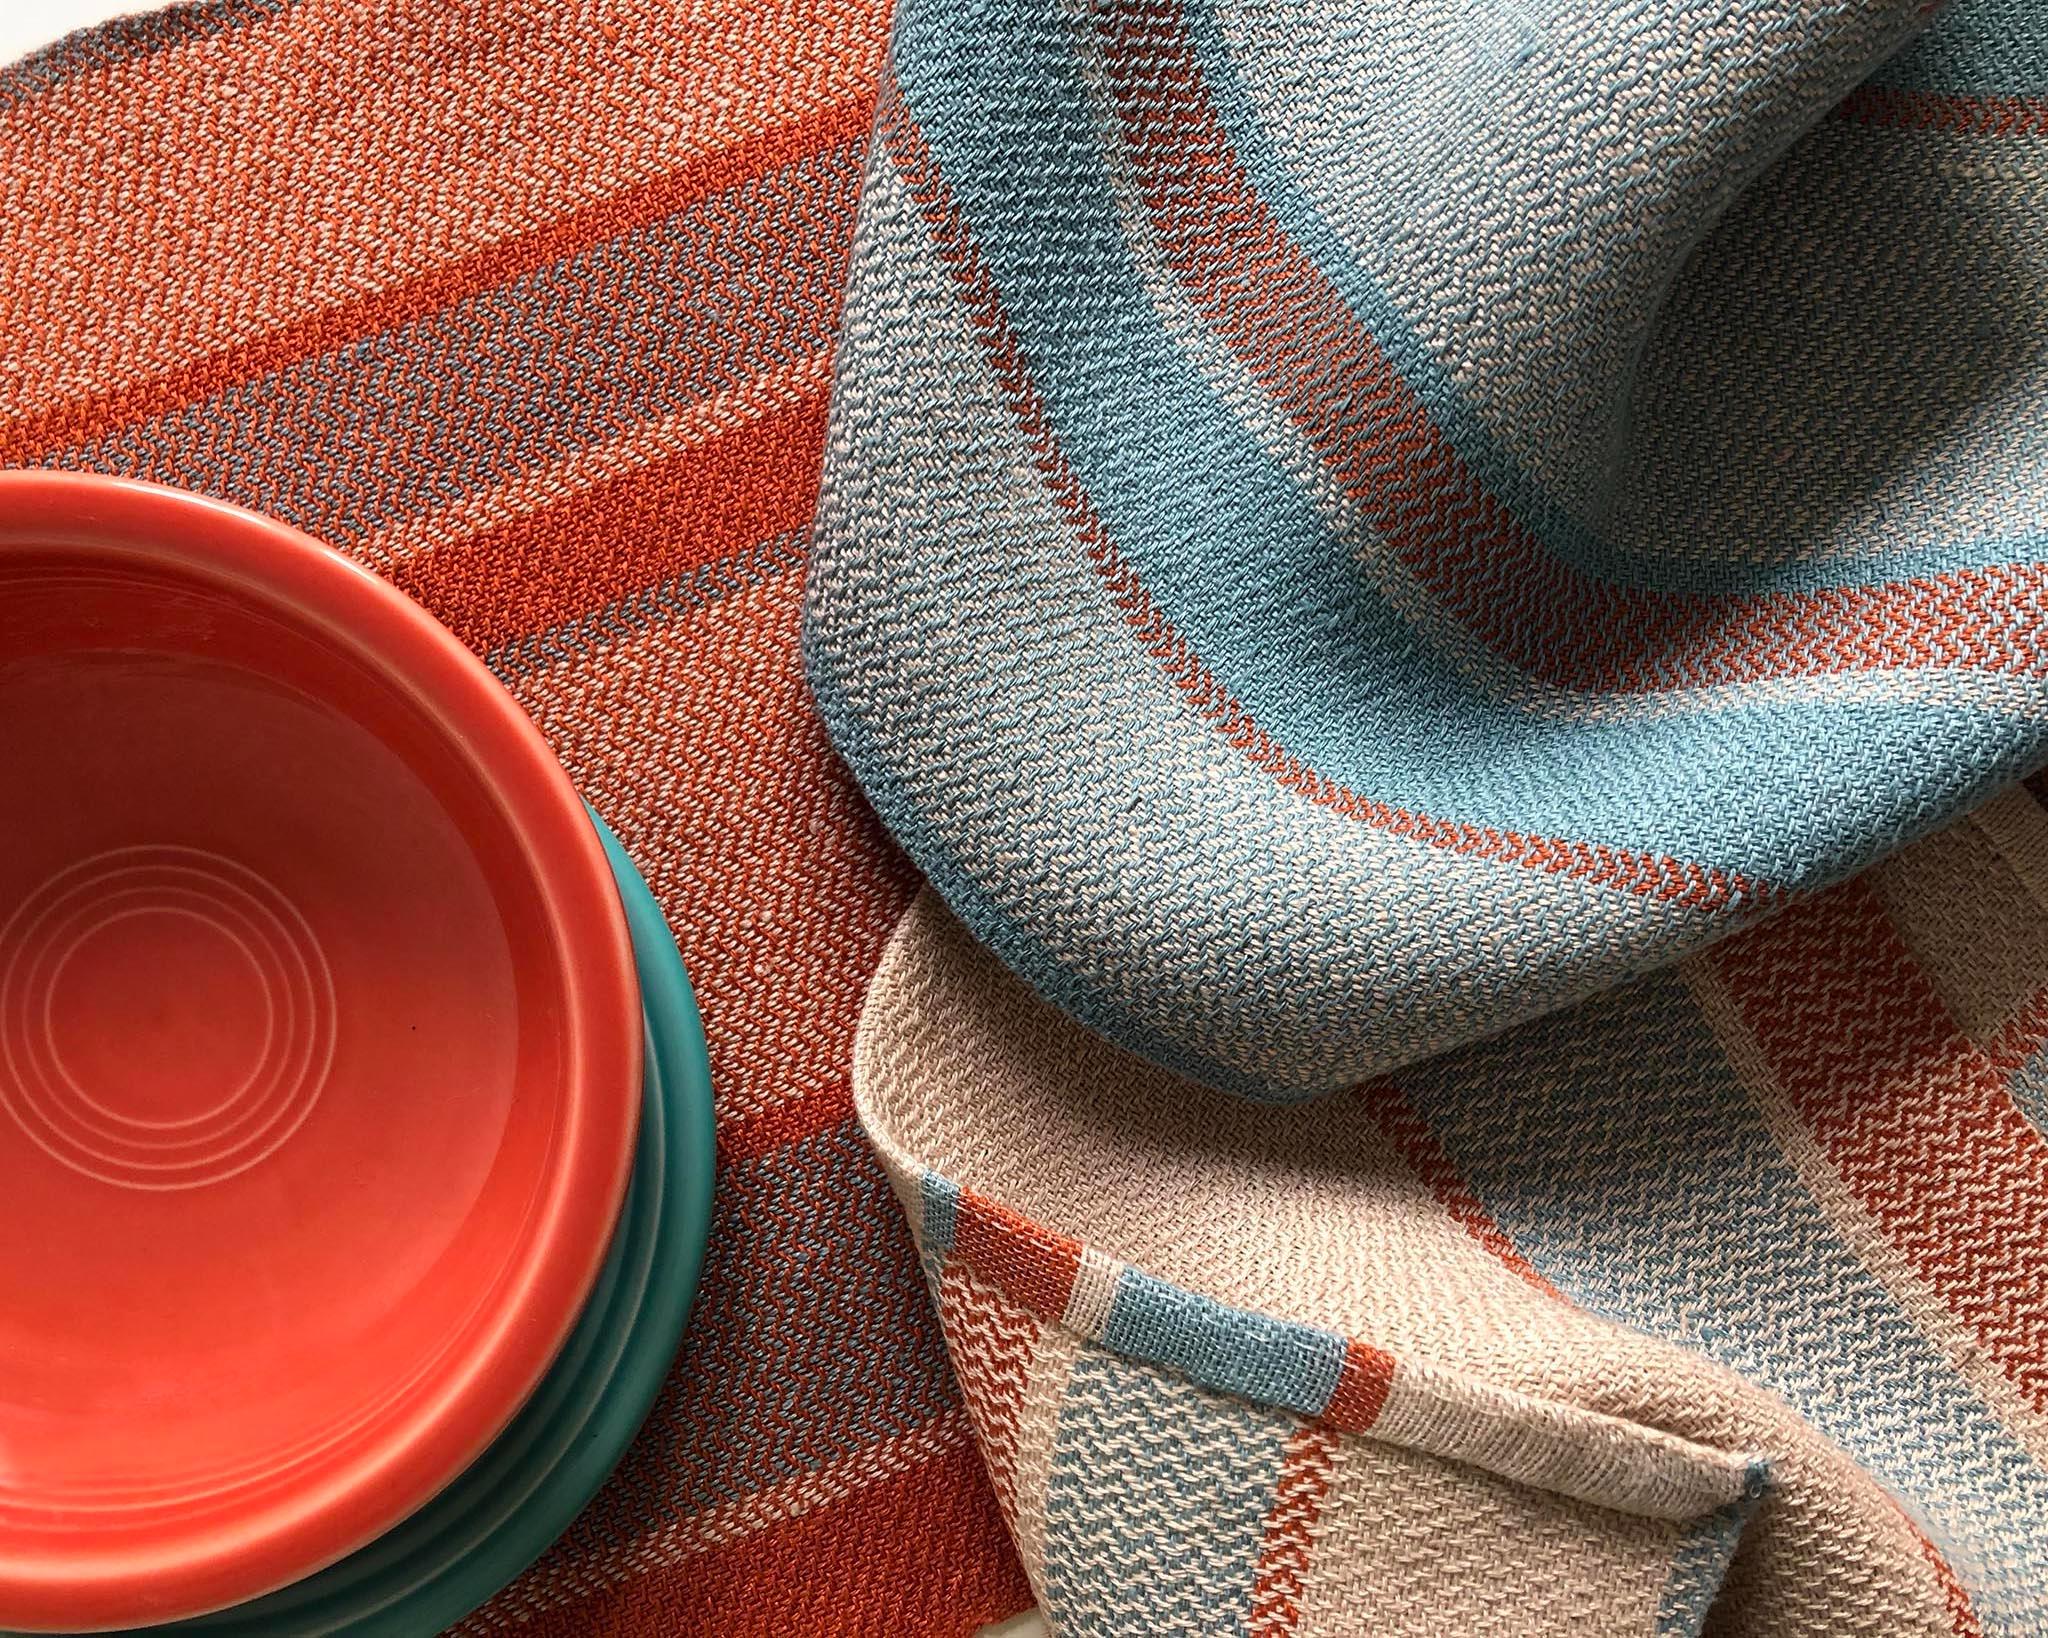 Handwoven Linen Towel Pattern